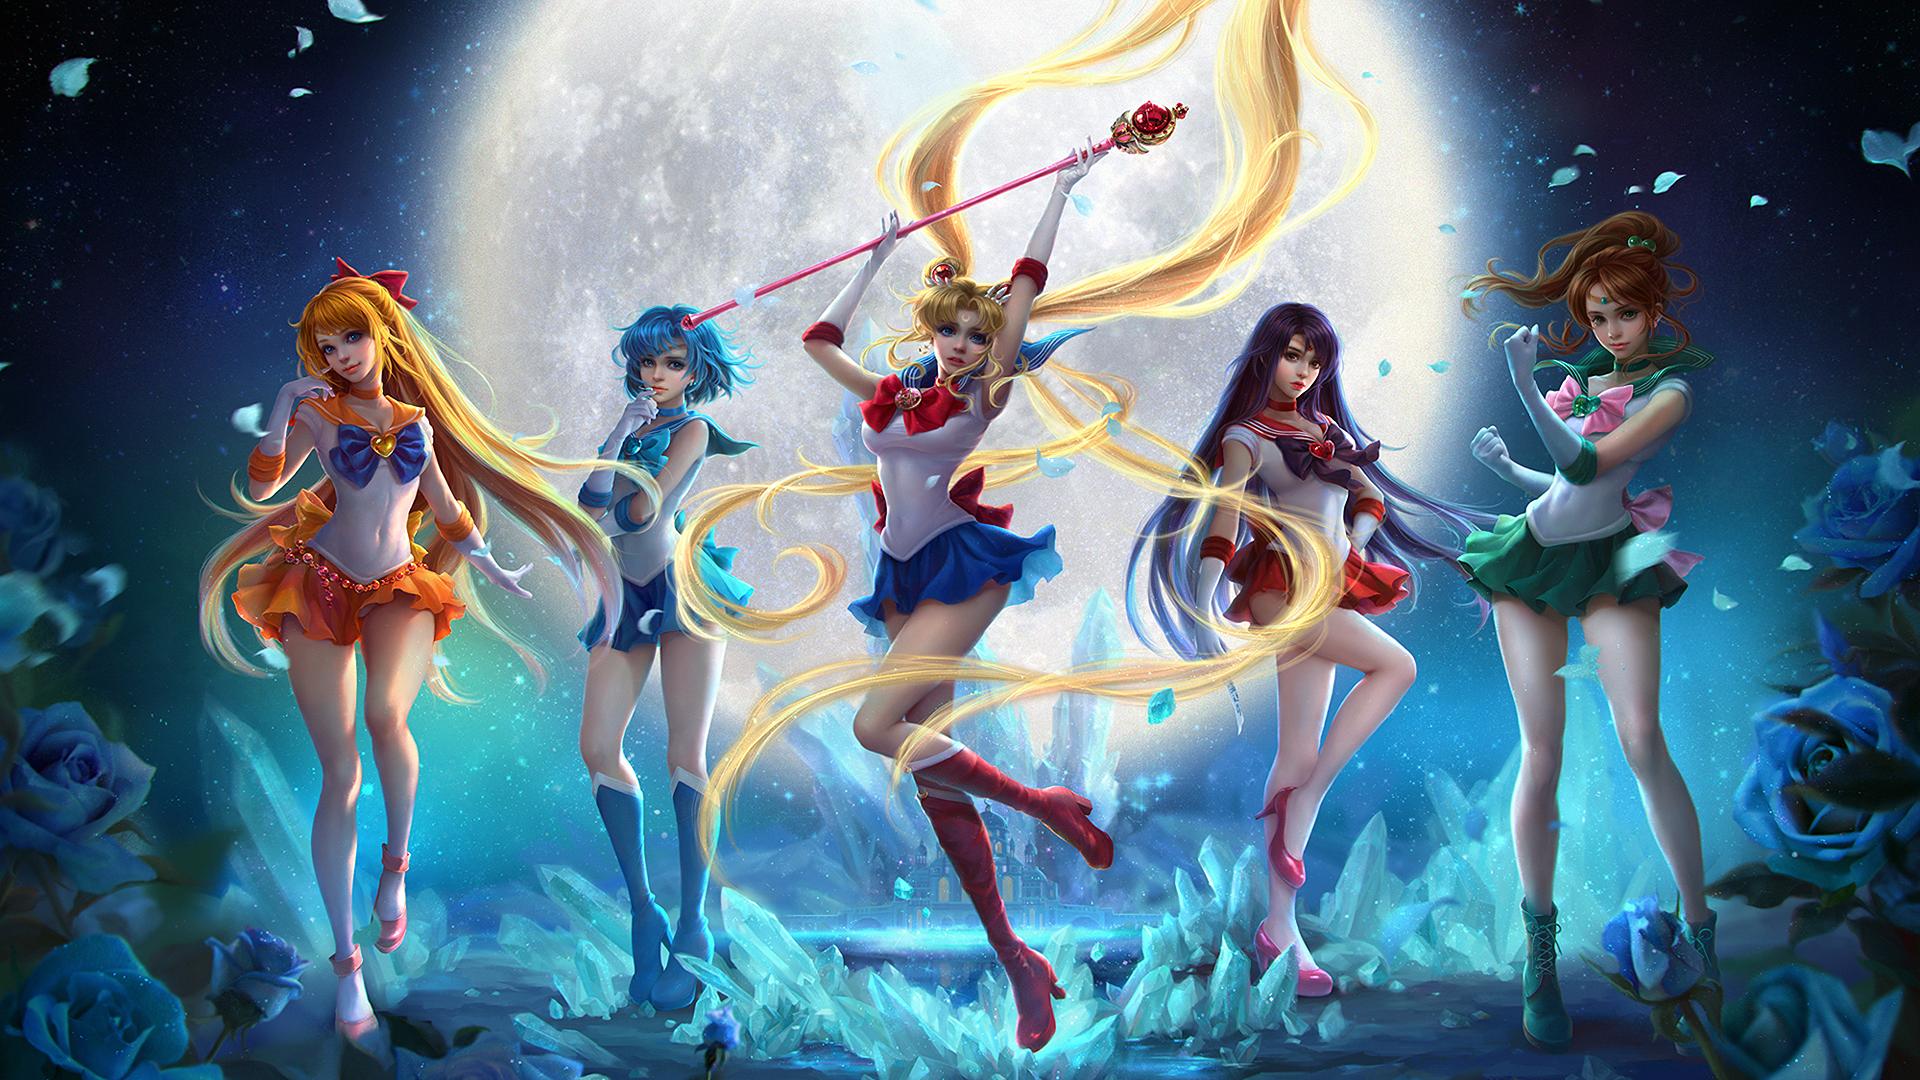 wallpaper anime girls sailor moon usagi tsukino sailor mars